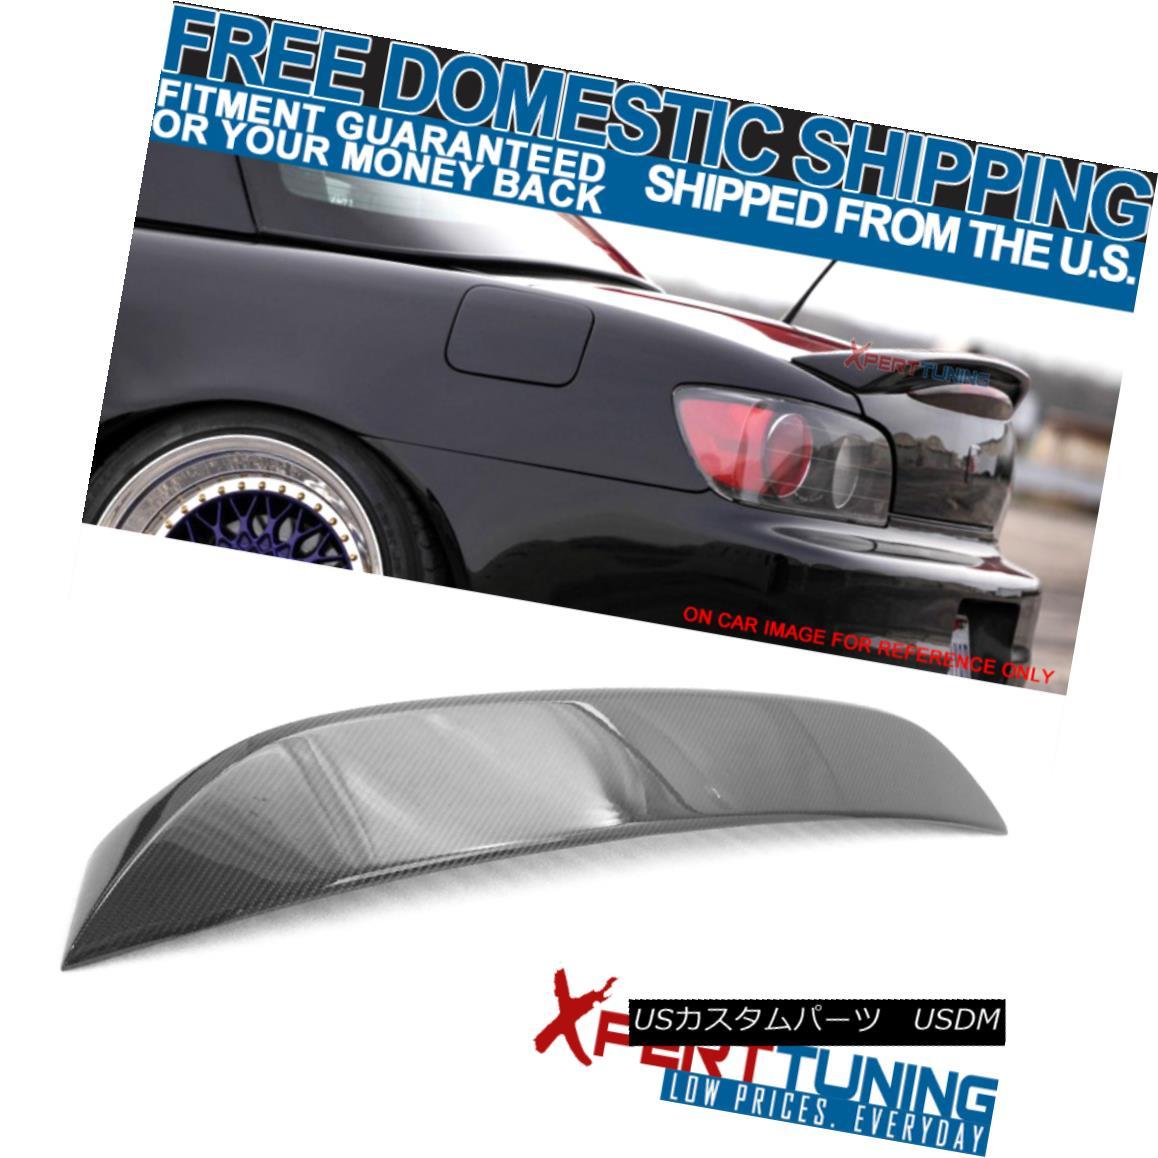 エアロパーツ 00-09 Honda S2000 2Dr OE Style Trunk Spoiler Wing - Carbon Fiber (CF) 00-09ホンダS2000 2Dr OEスタイルトランク・スポイラー翼 - 炭素繊維(CF)